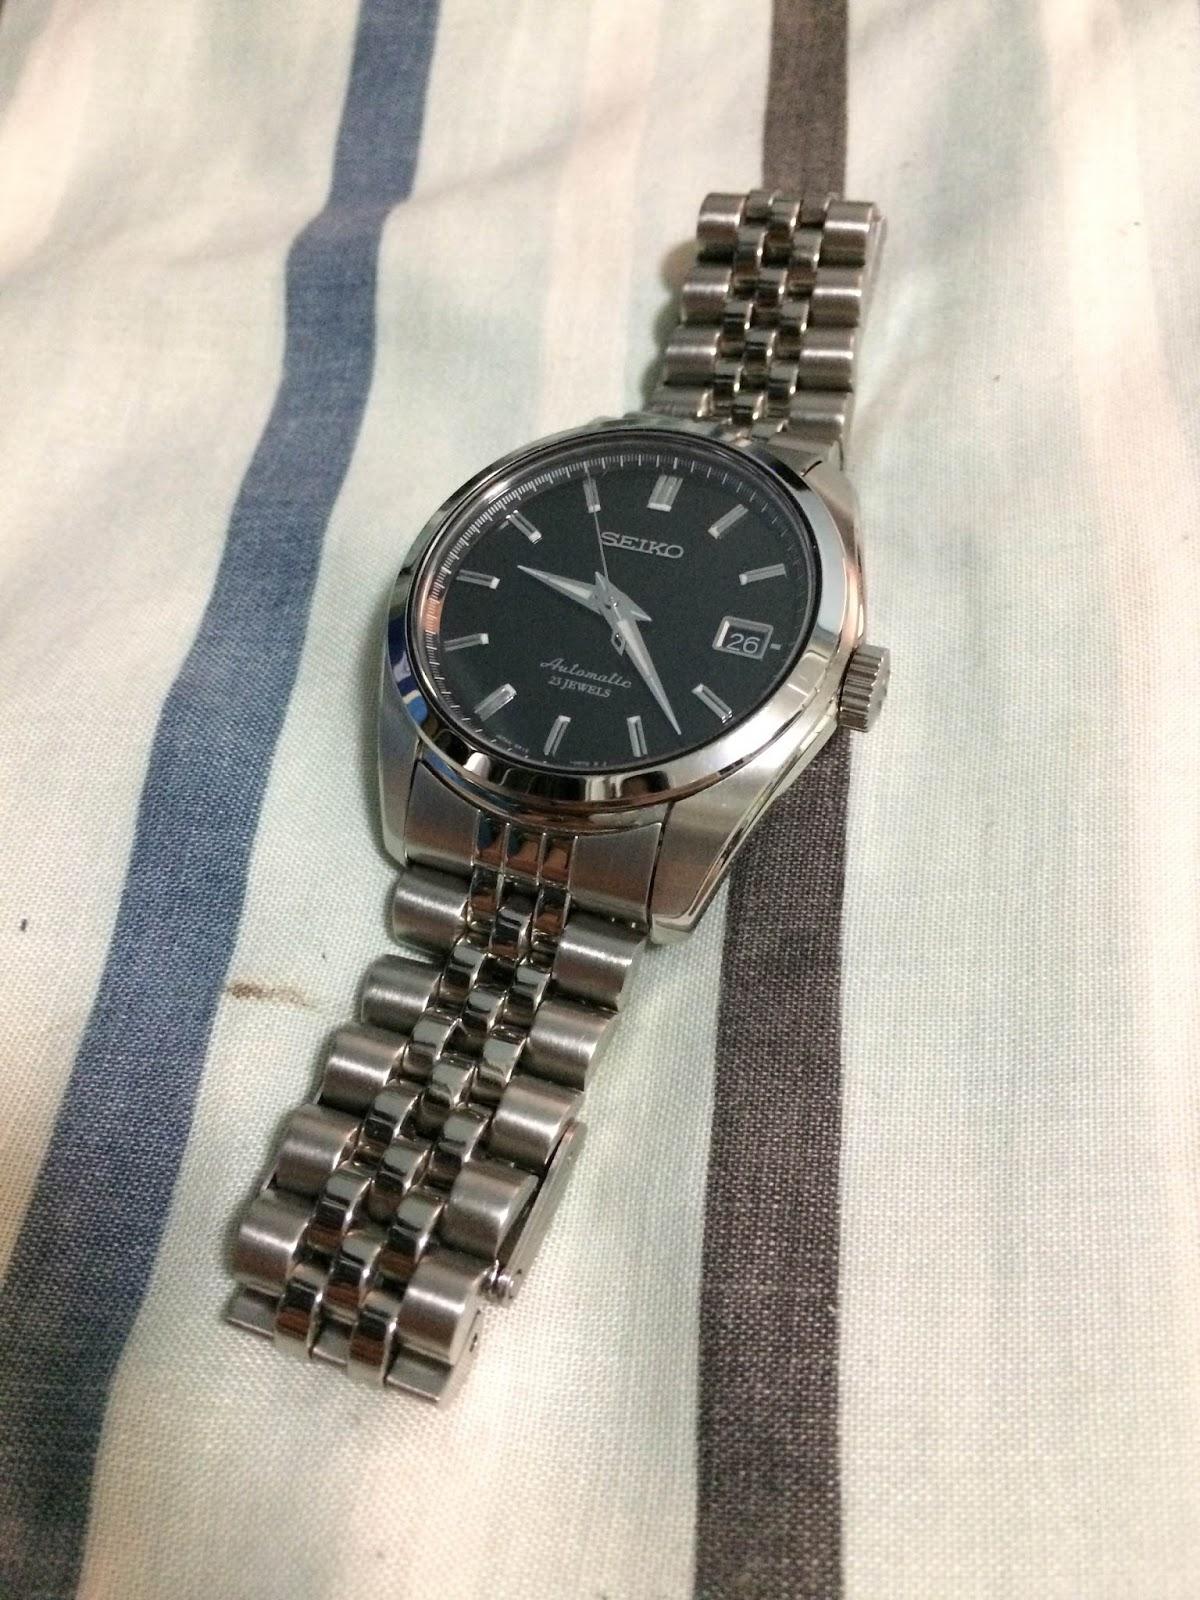 Marbles Lost Sarb033 Jubilee Bracelet